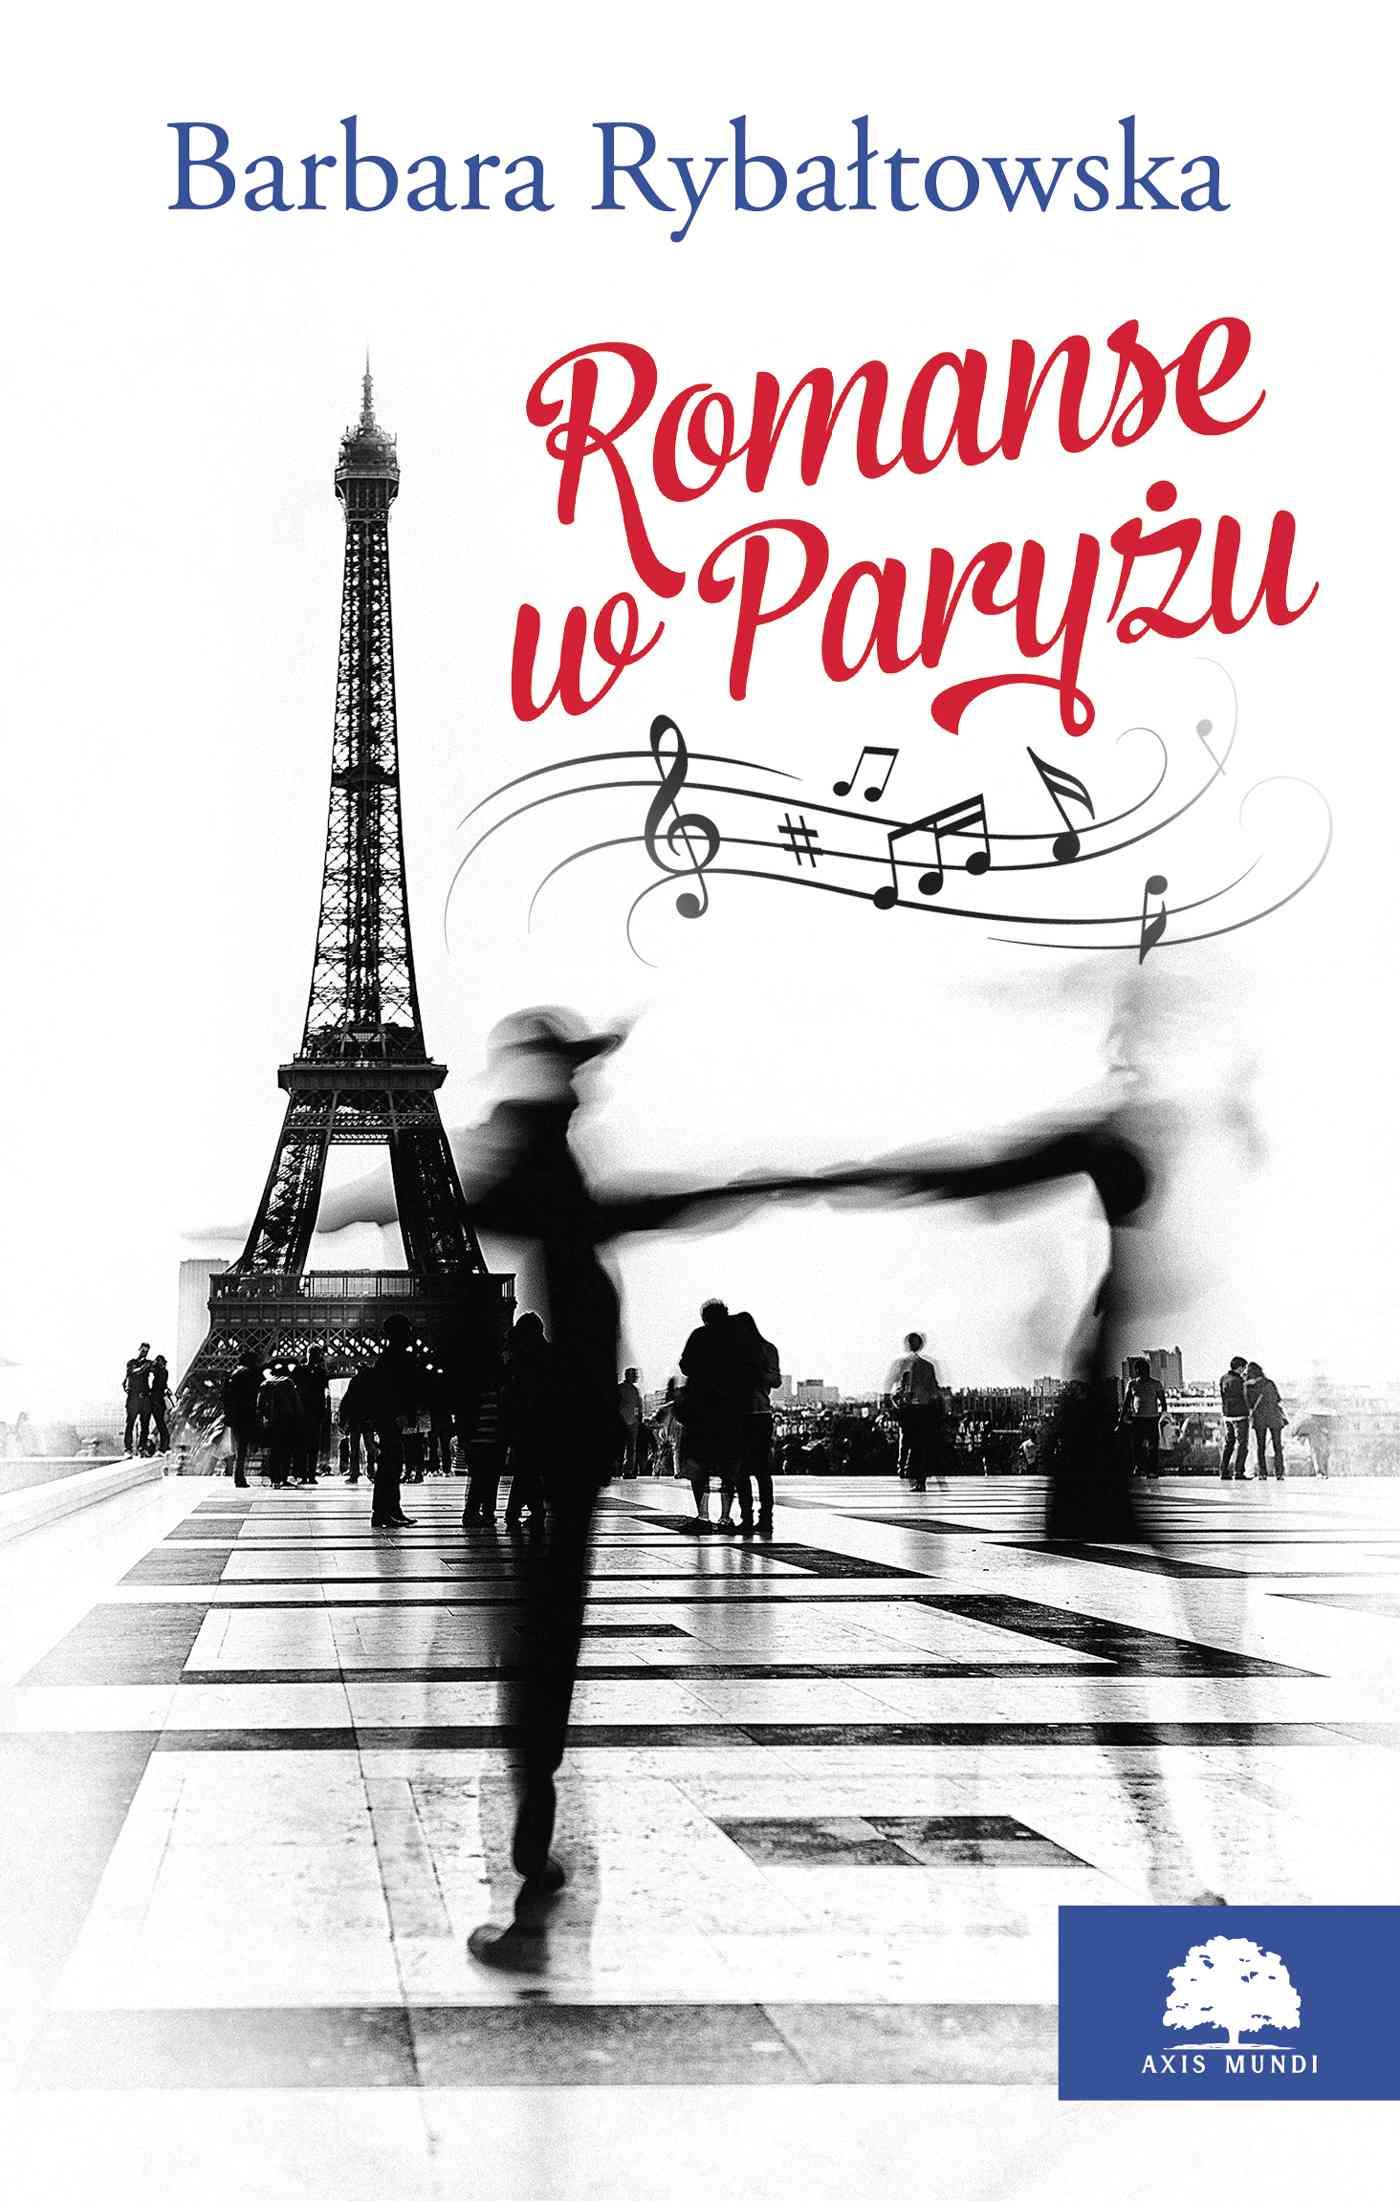 Romanse w Paryżu. - Ebook (Książka EPUB) do pobrania w formacie EPUB